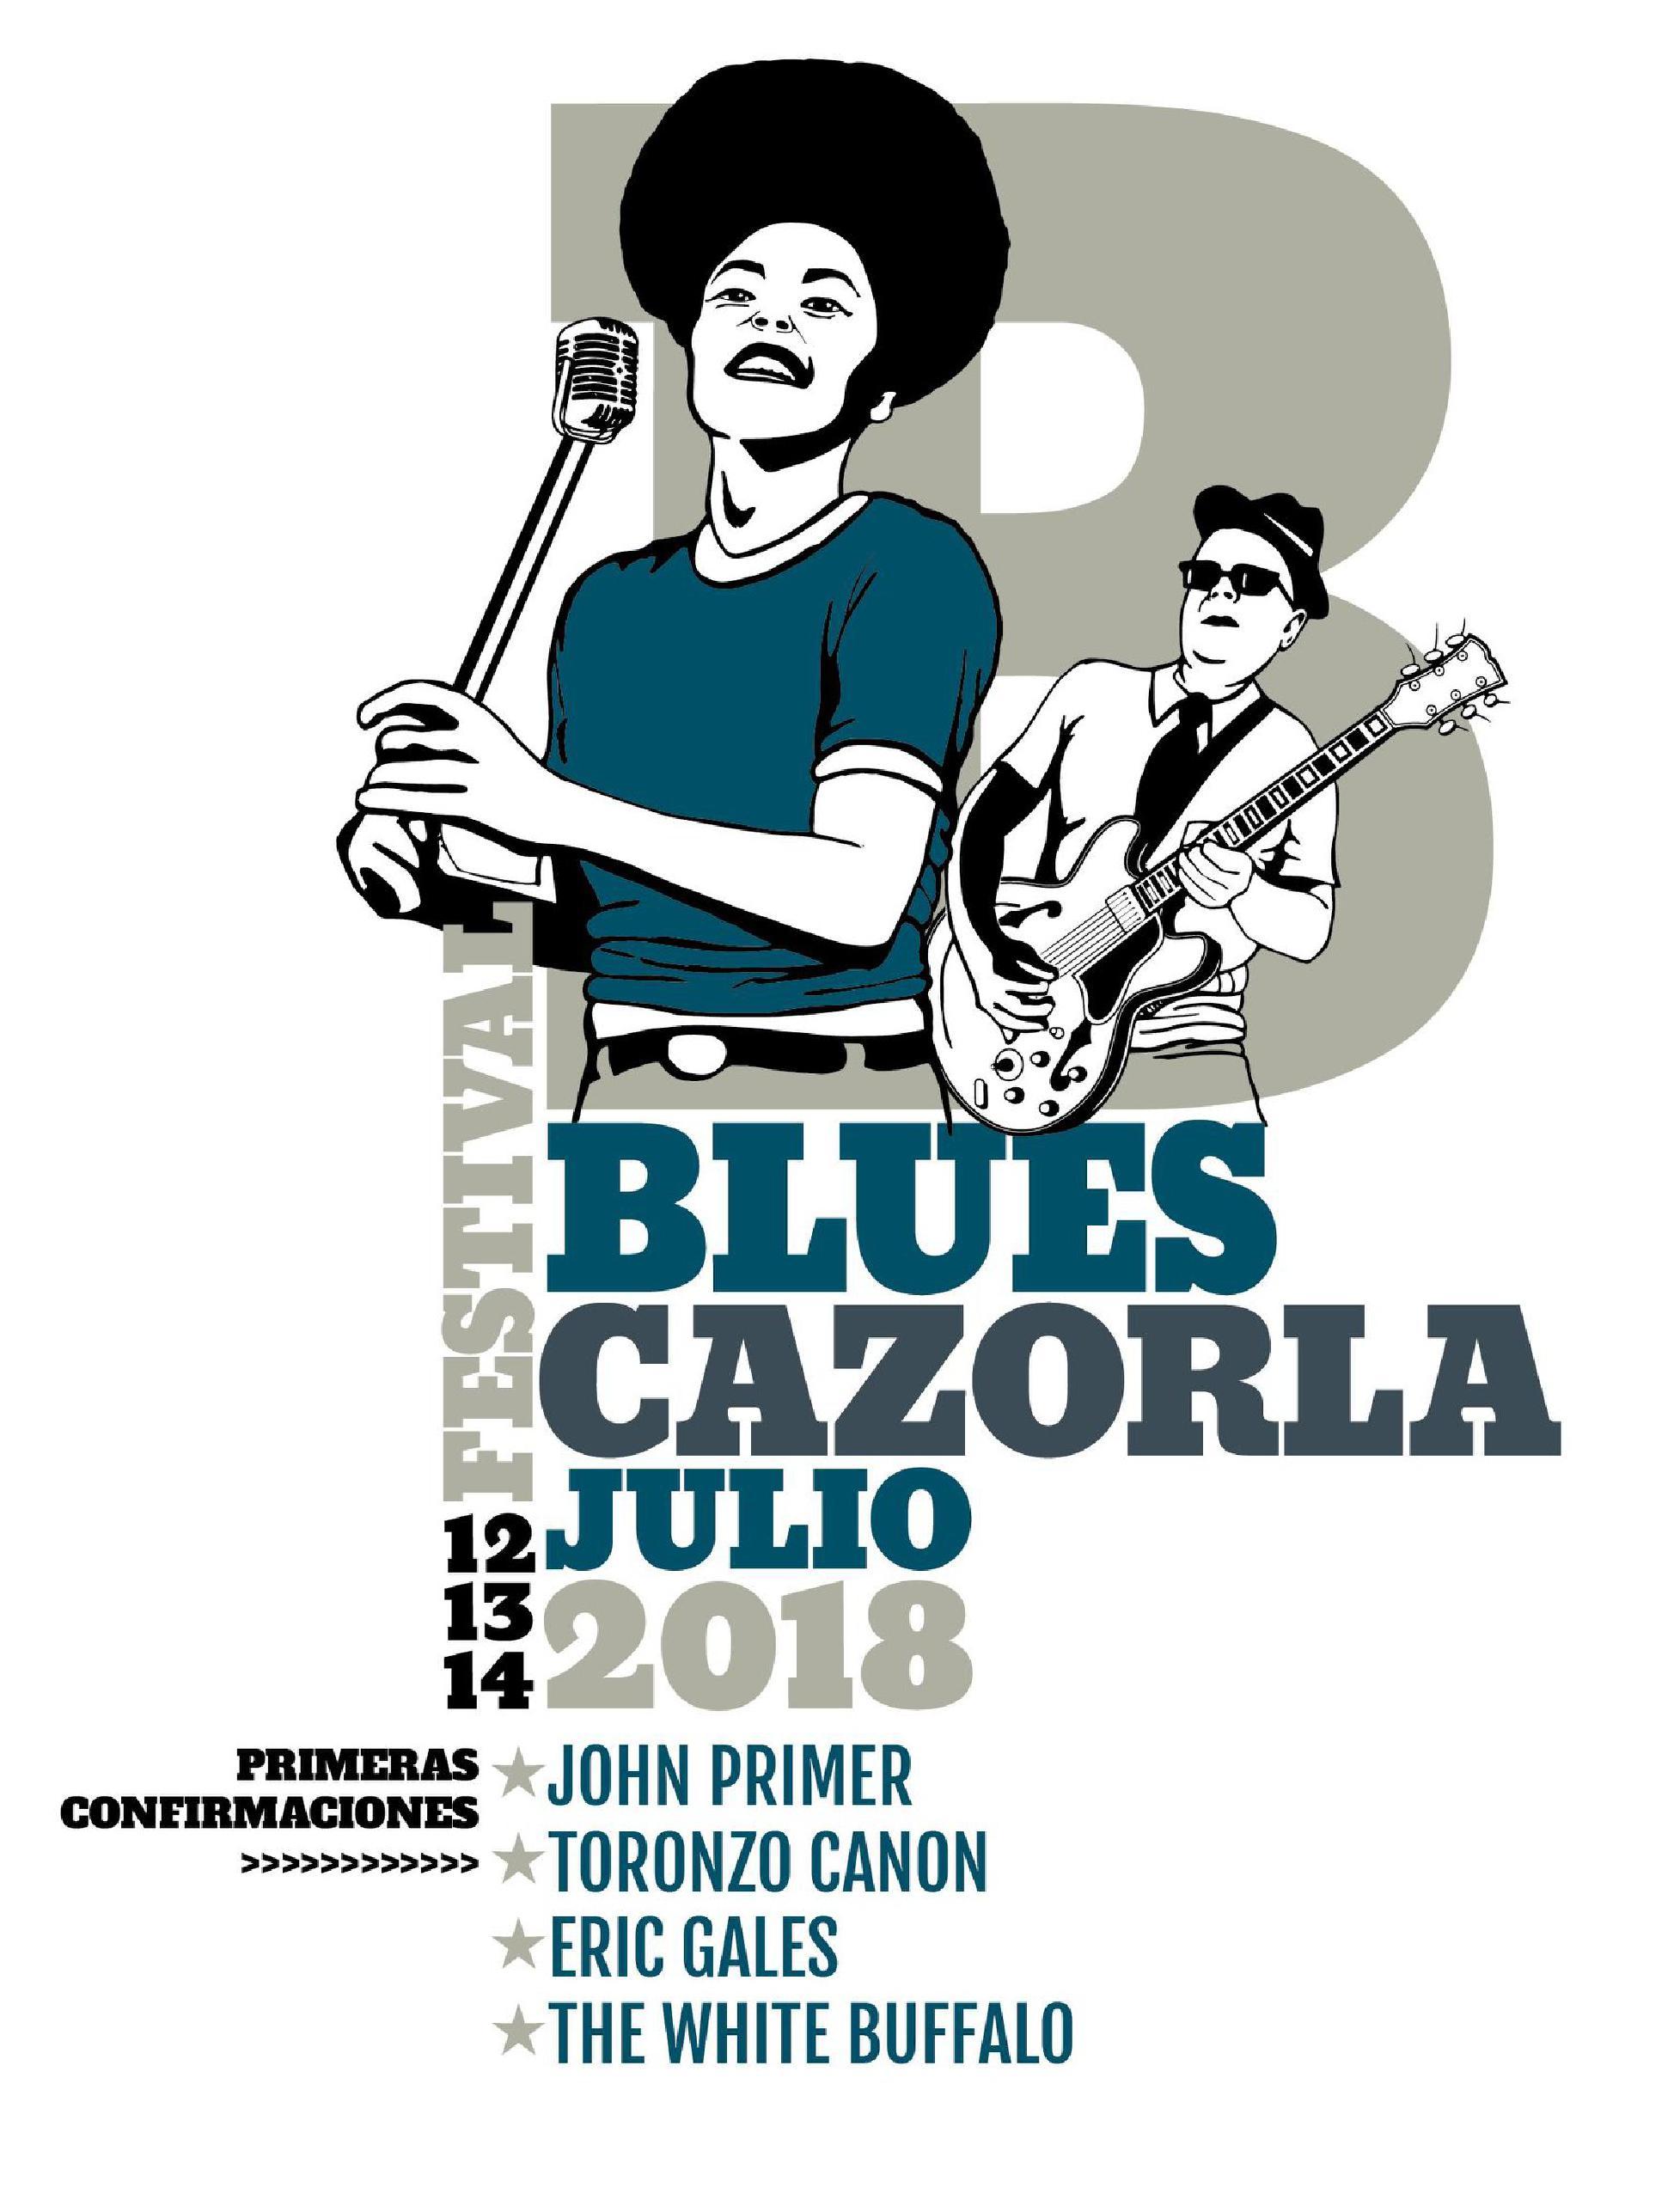 Primeras confirmaciones cartel BluesCazorla Festival 2018